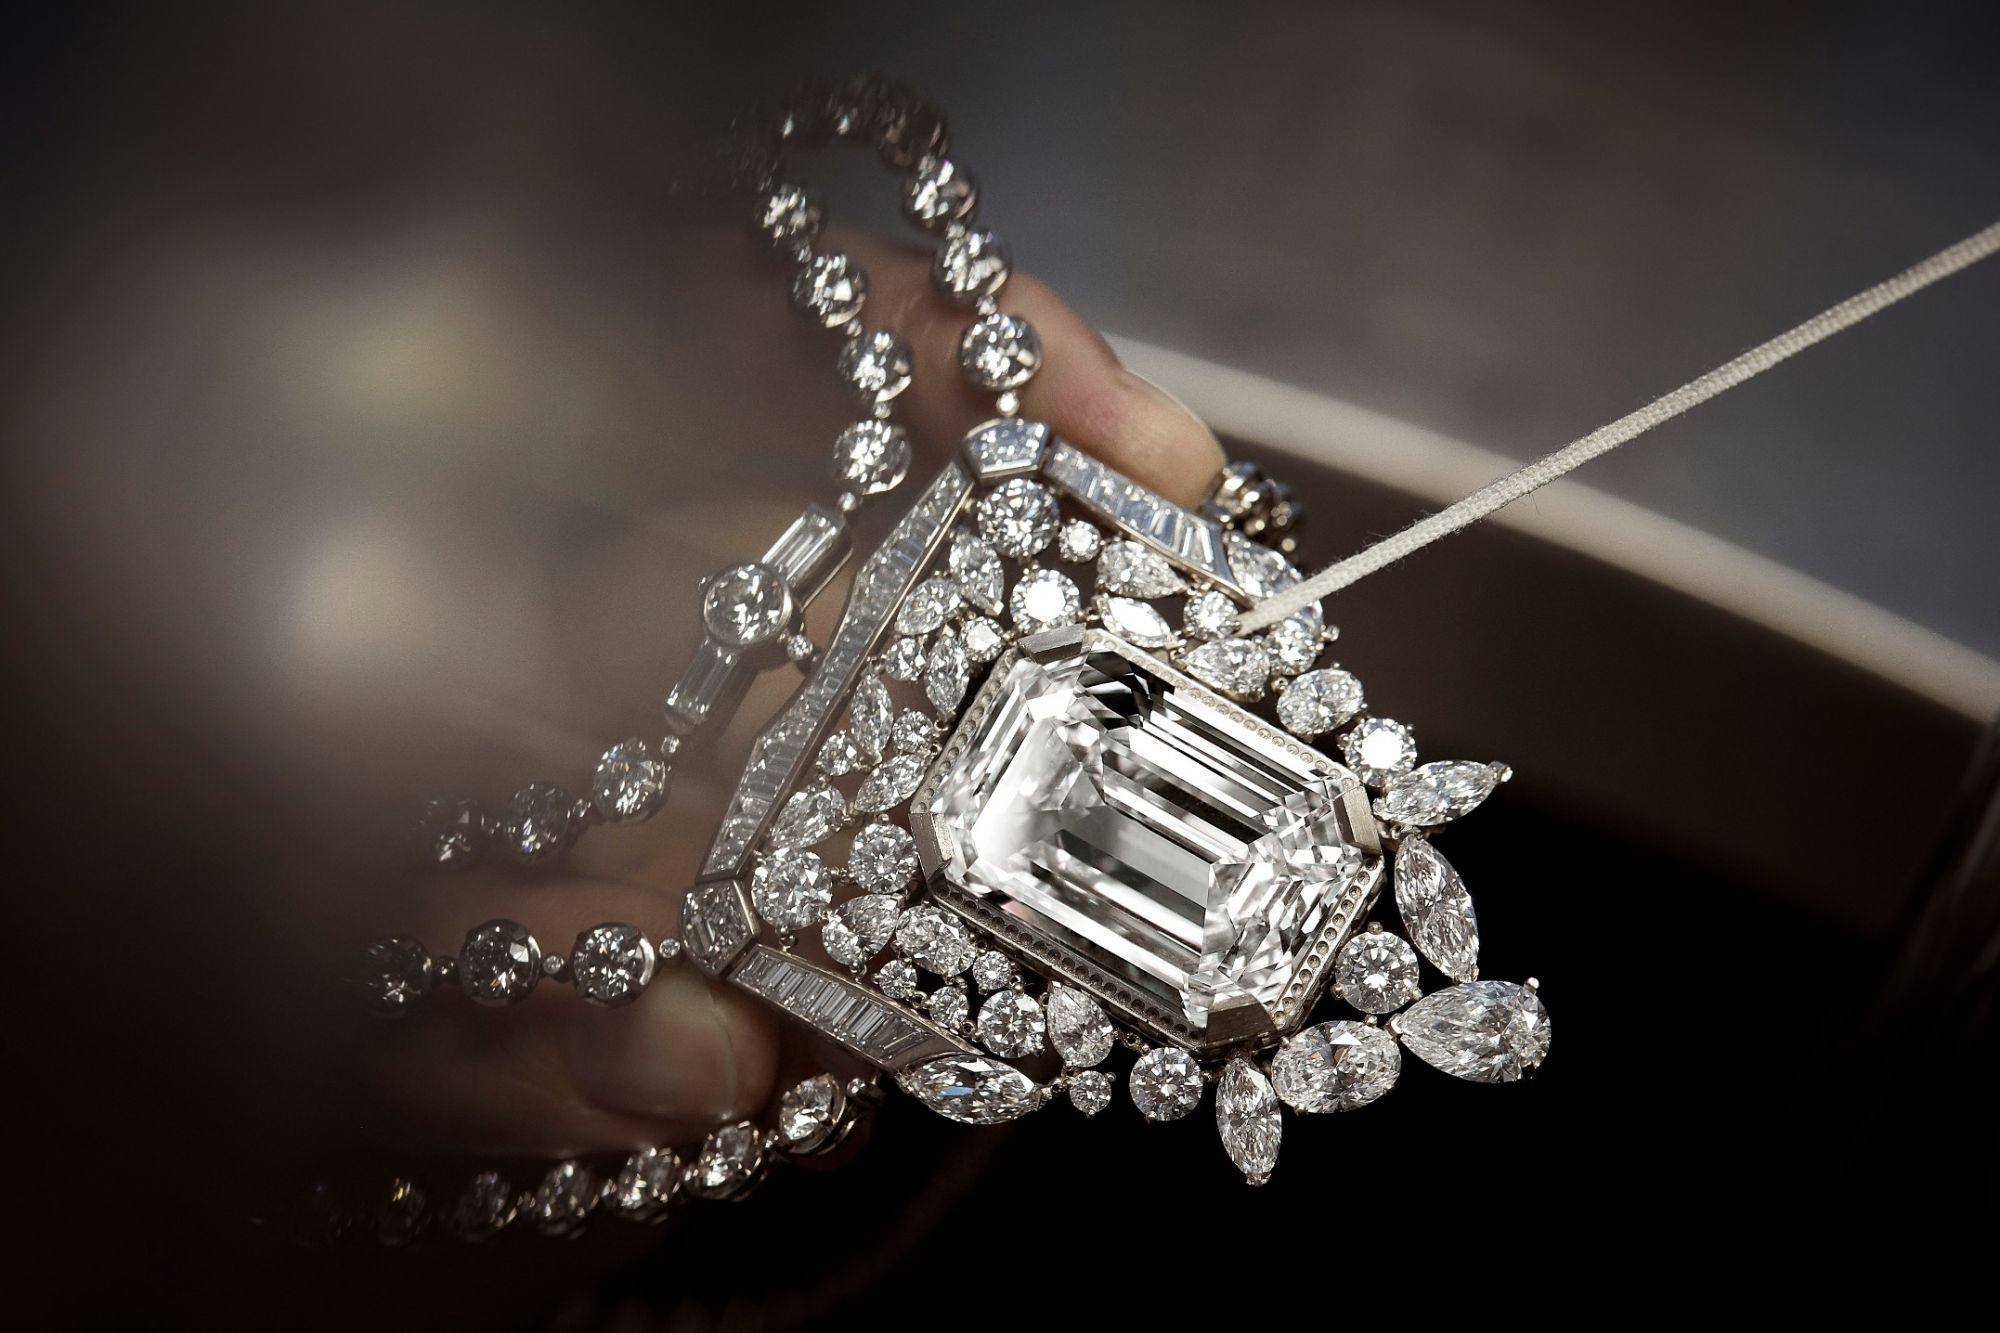 Para o 100º aniversário do seu perfume N°5, Chanel imagina um diamante de 55,55 quilates